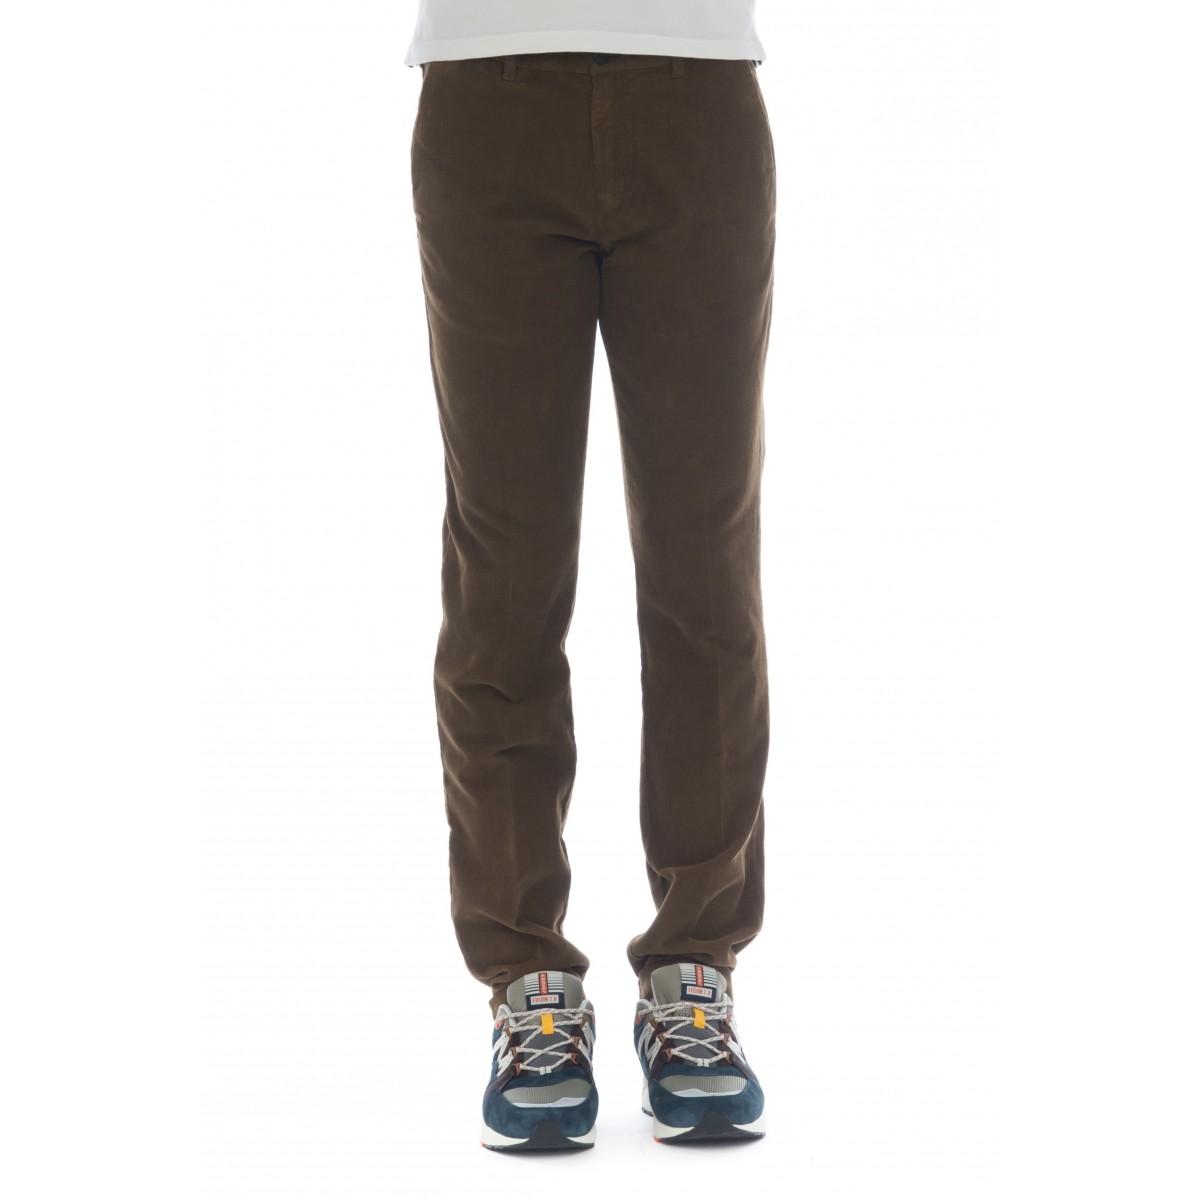 Pantalone uomo - Lenny 5615 microvelluto